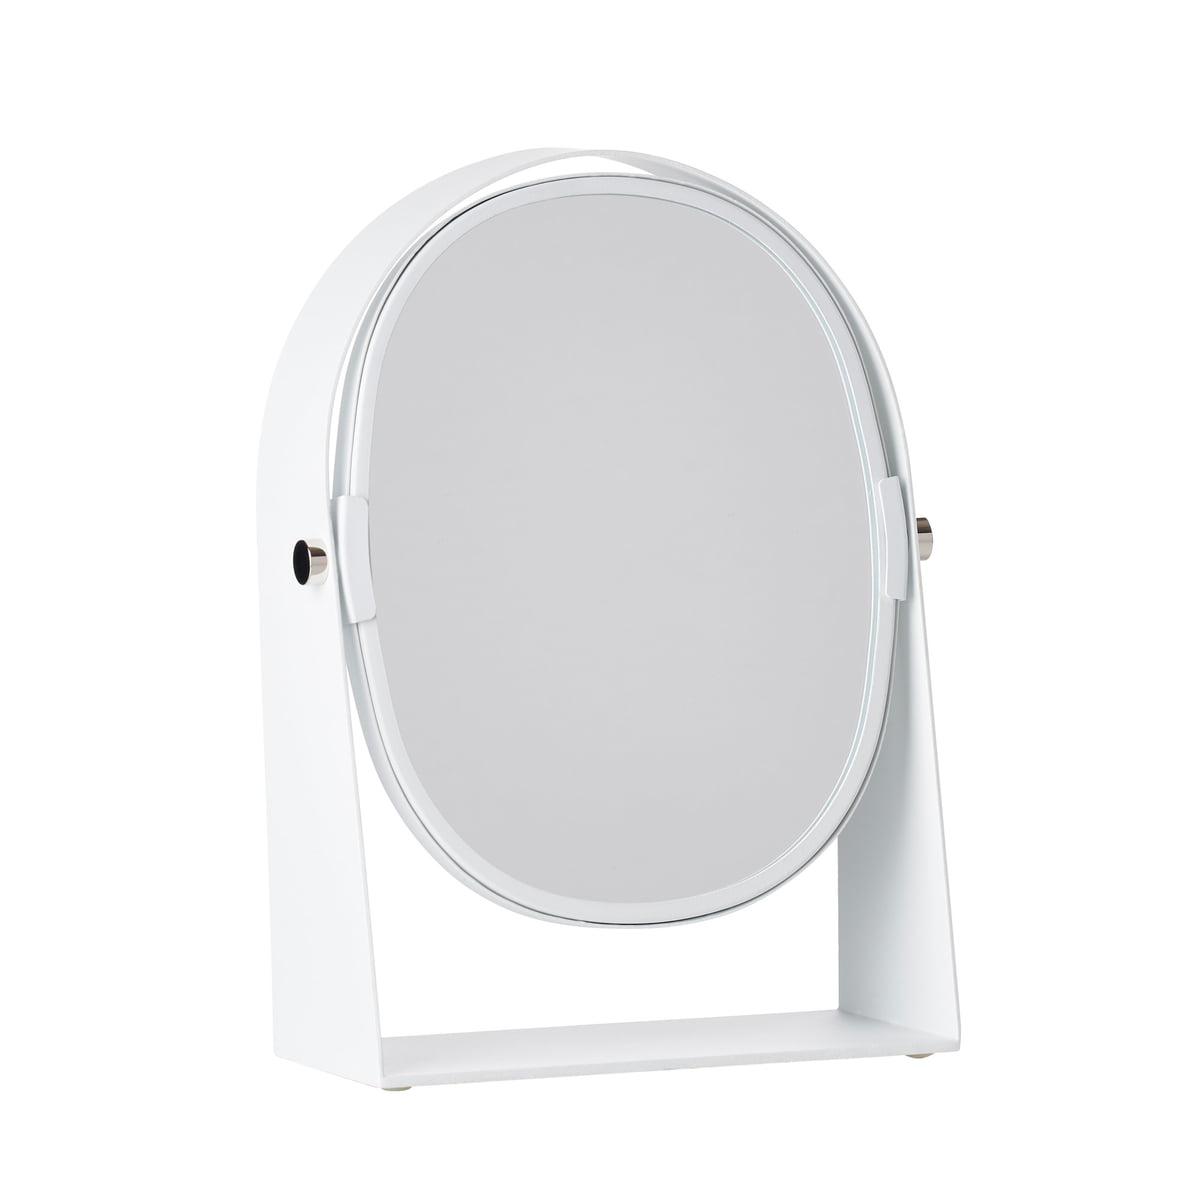 Zone Denmark - Kosmetikspiegel mit Vergrößerungseffekt oval, weiß | Bad > Bad-Accessoires > Kosmetikspiegel | Weiß | Spiegelglas | Zone Denmark